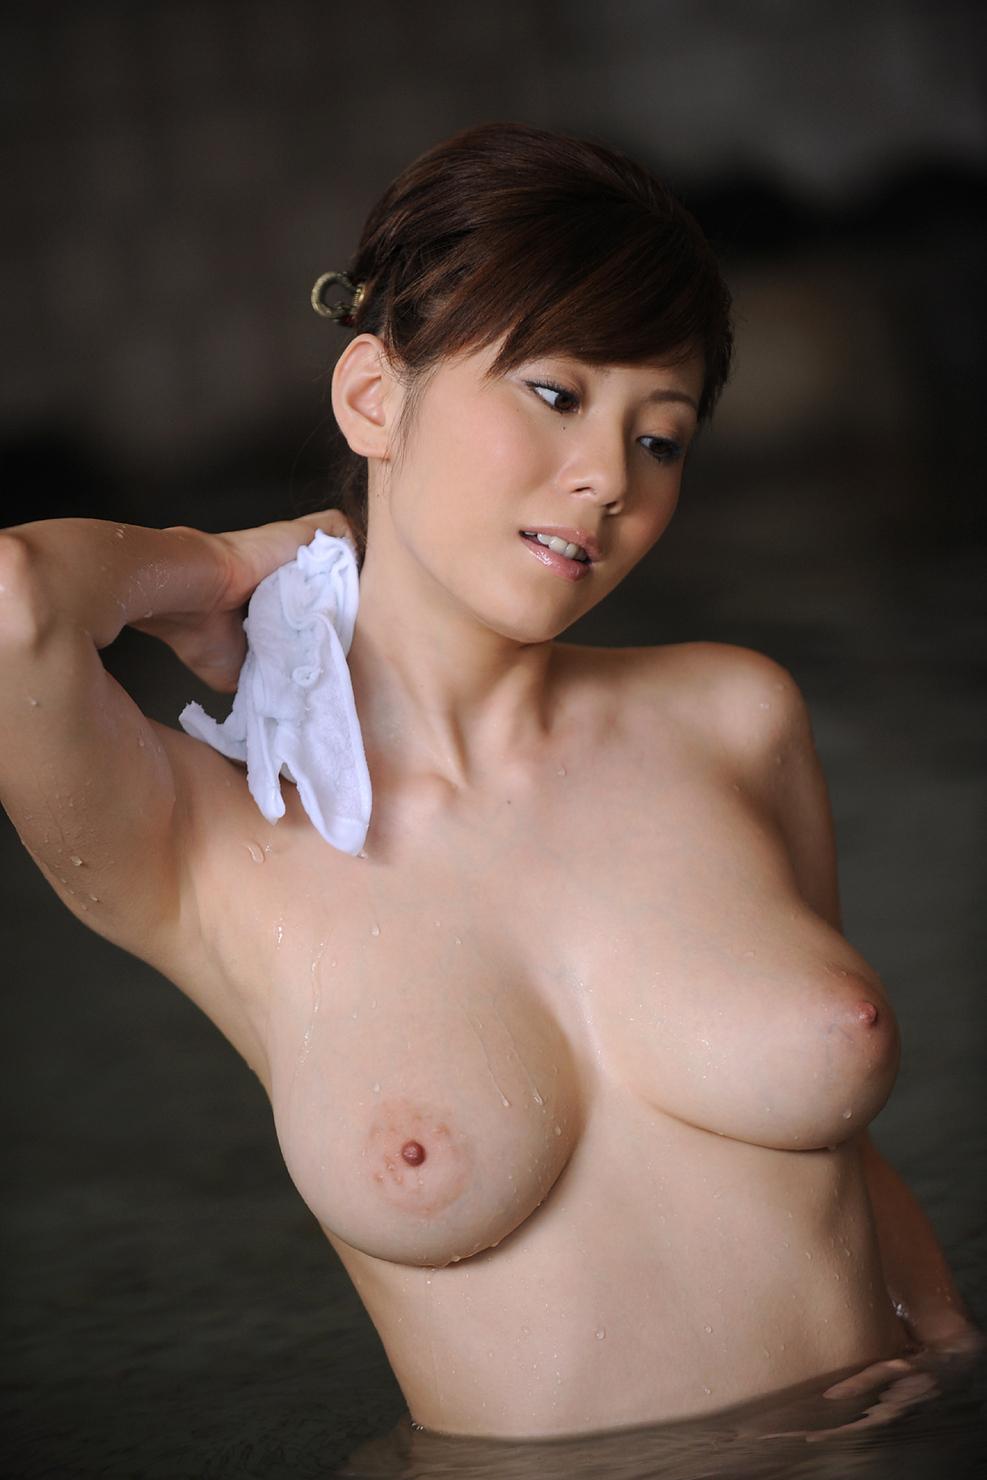 一緒にお風呂に入りたい!入浴中のお姉さんのエロ画像 39